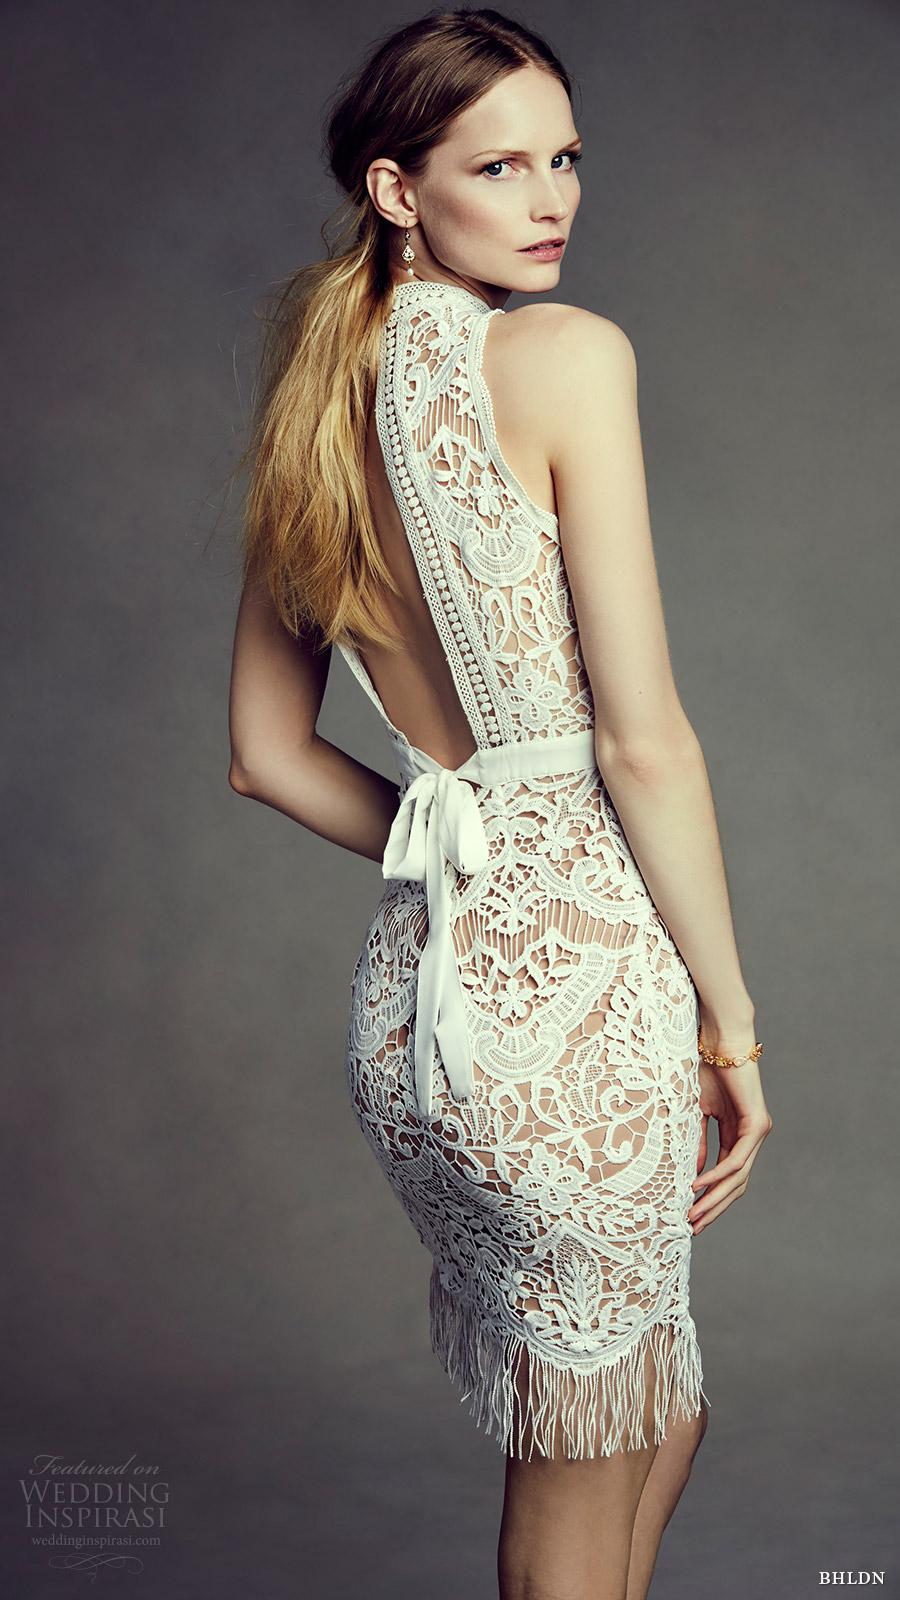 Bhldn bohemian beauty bridal lookbook wedding inspirasi for Dresses for wedding rehearsal dinner